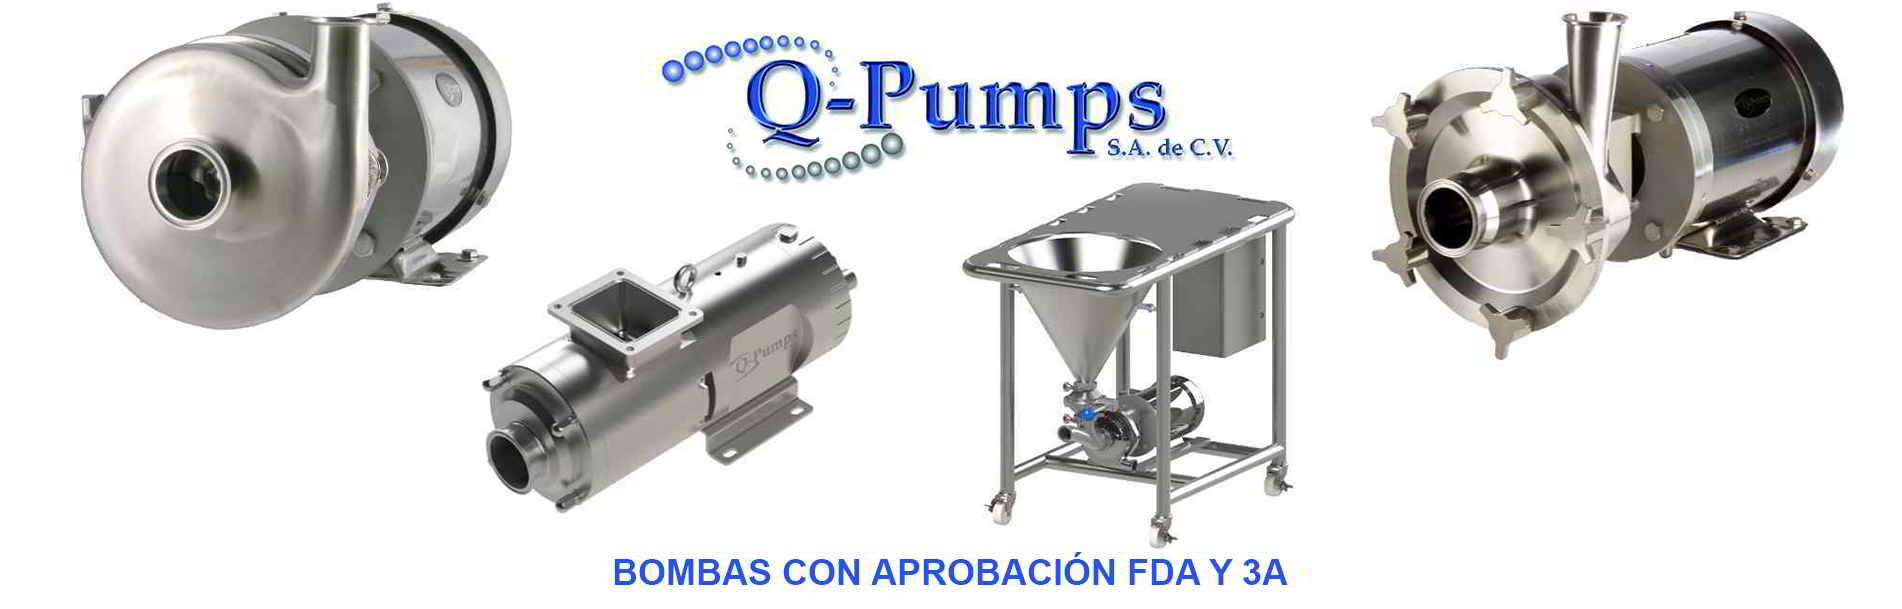 qpumps